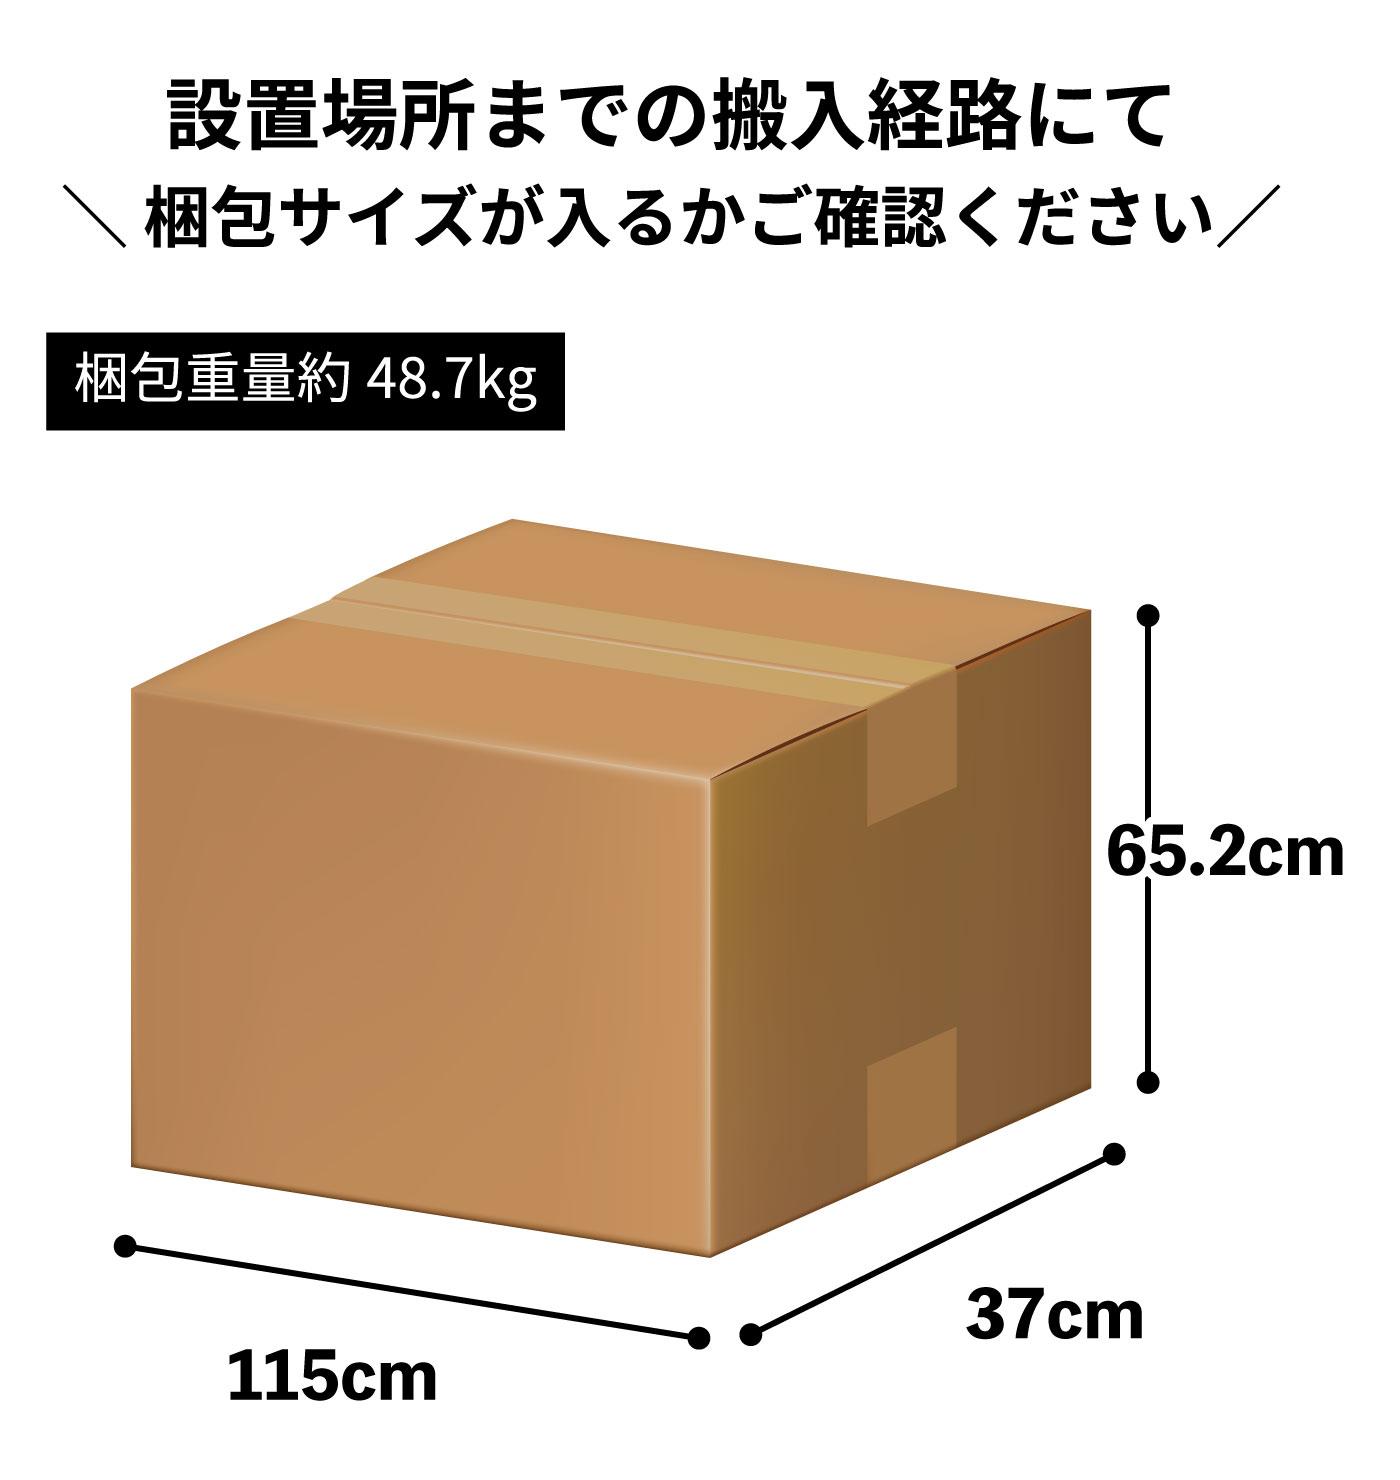 SE155-30の梱包サイズ